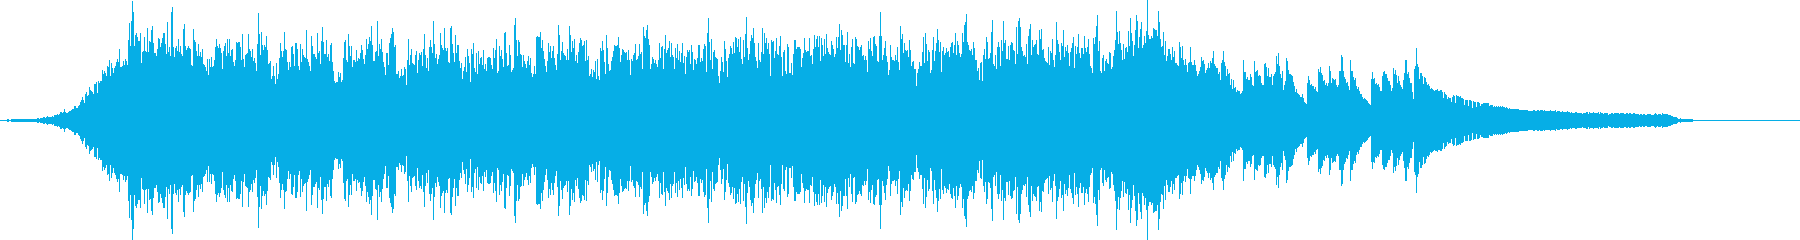 企業VP映像、111オーケストラ、爽快cの再生済みの波形